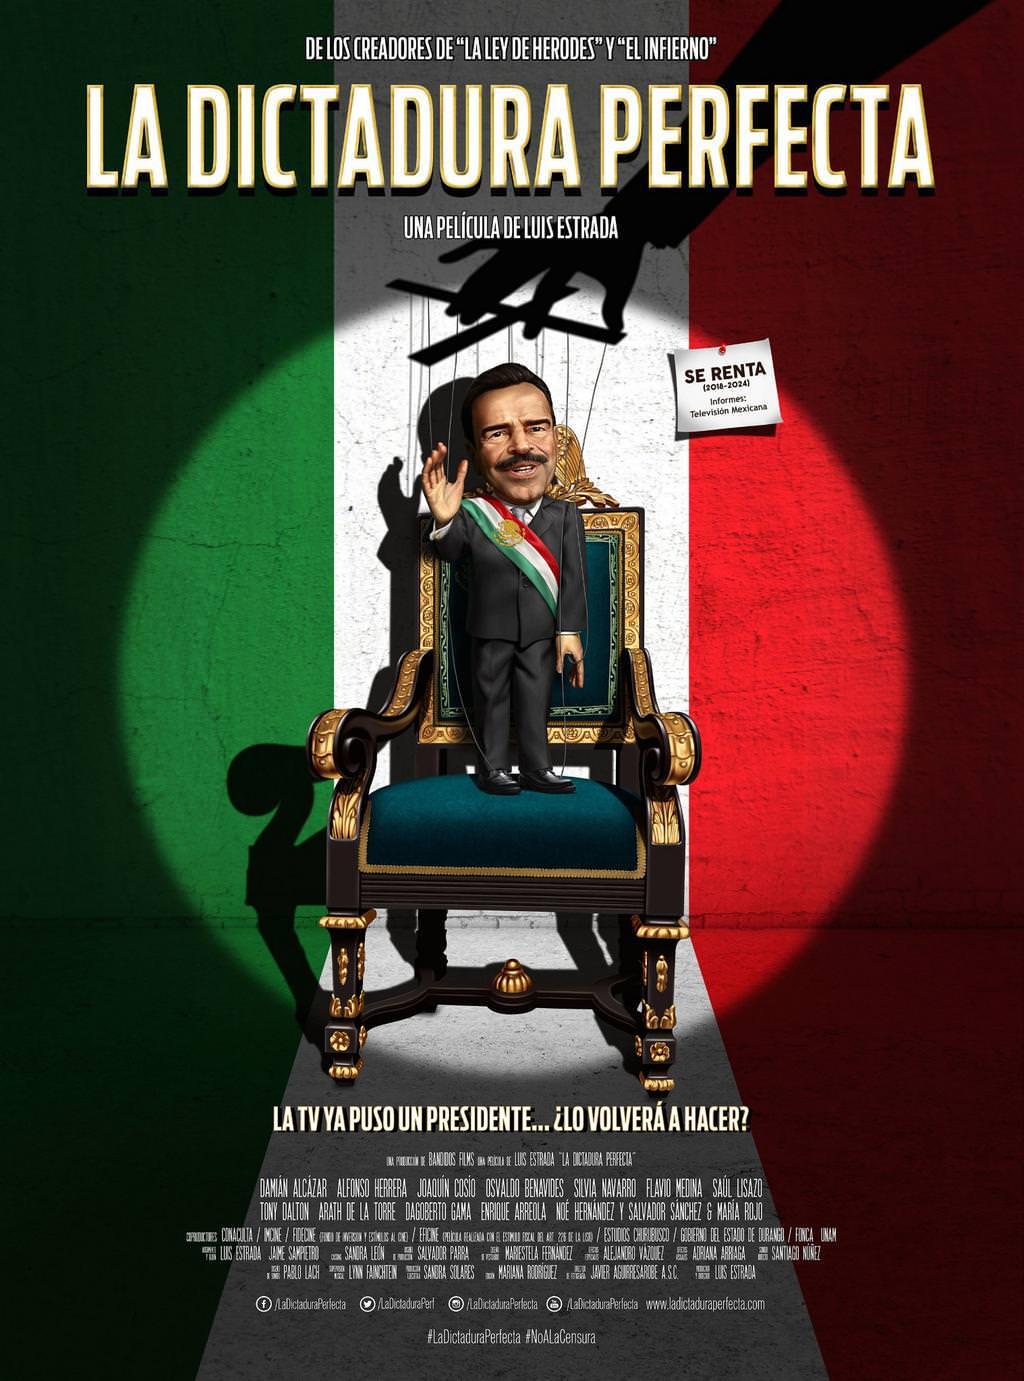 dictadura-perfecta-movie-poster.jpg